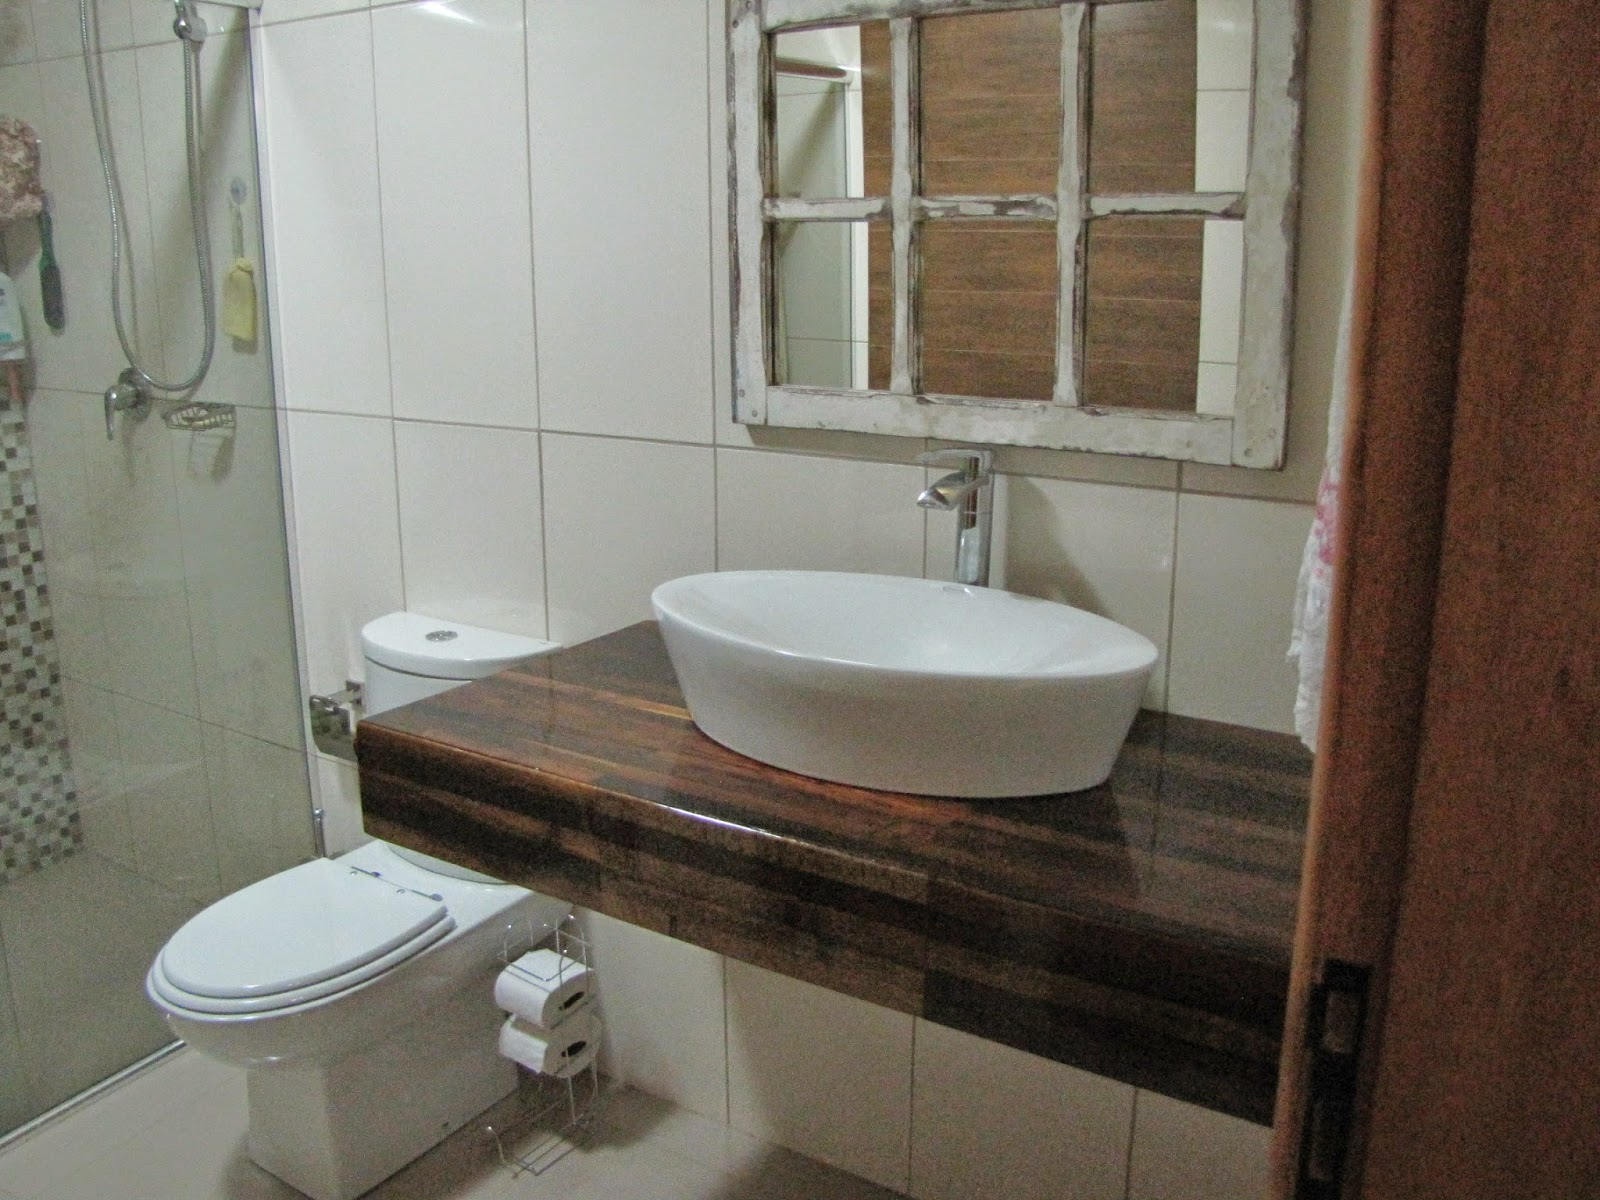 pias de vidro para banheiro 1 Book Covers #3A2A1E 1600x1200 Bancada Banheiro Astra